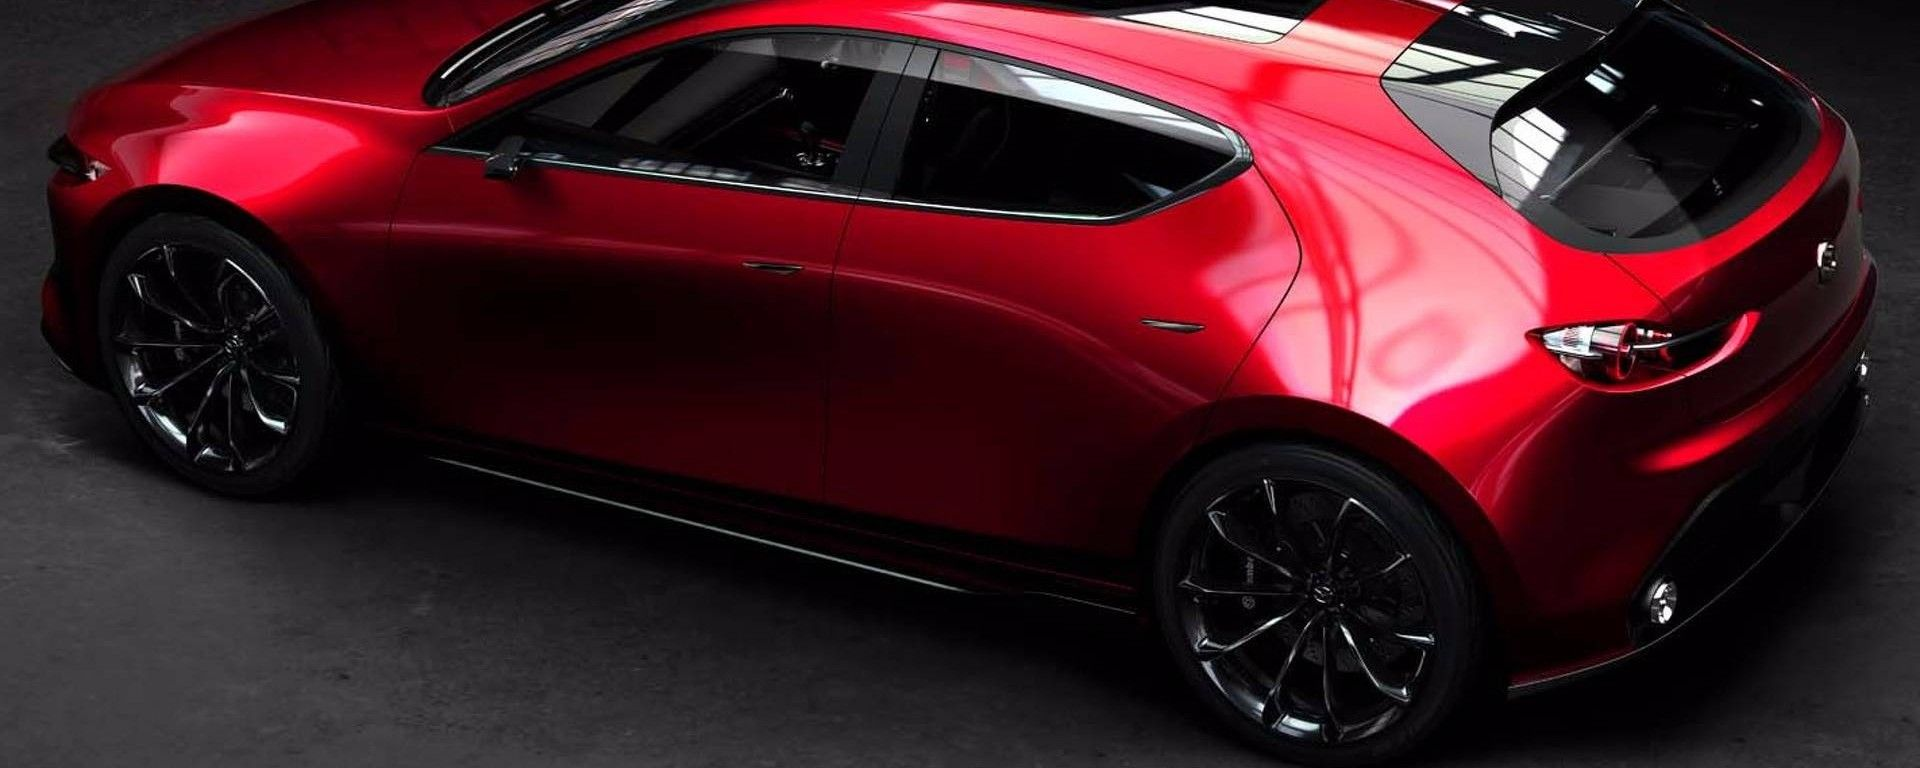 Nuova Mazda 3 2019 Arrivo Motori Dotazioni Interni